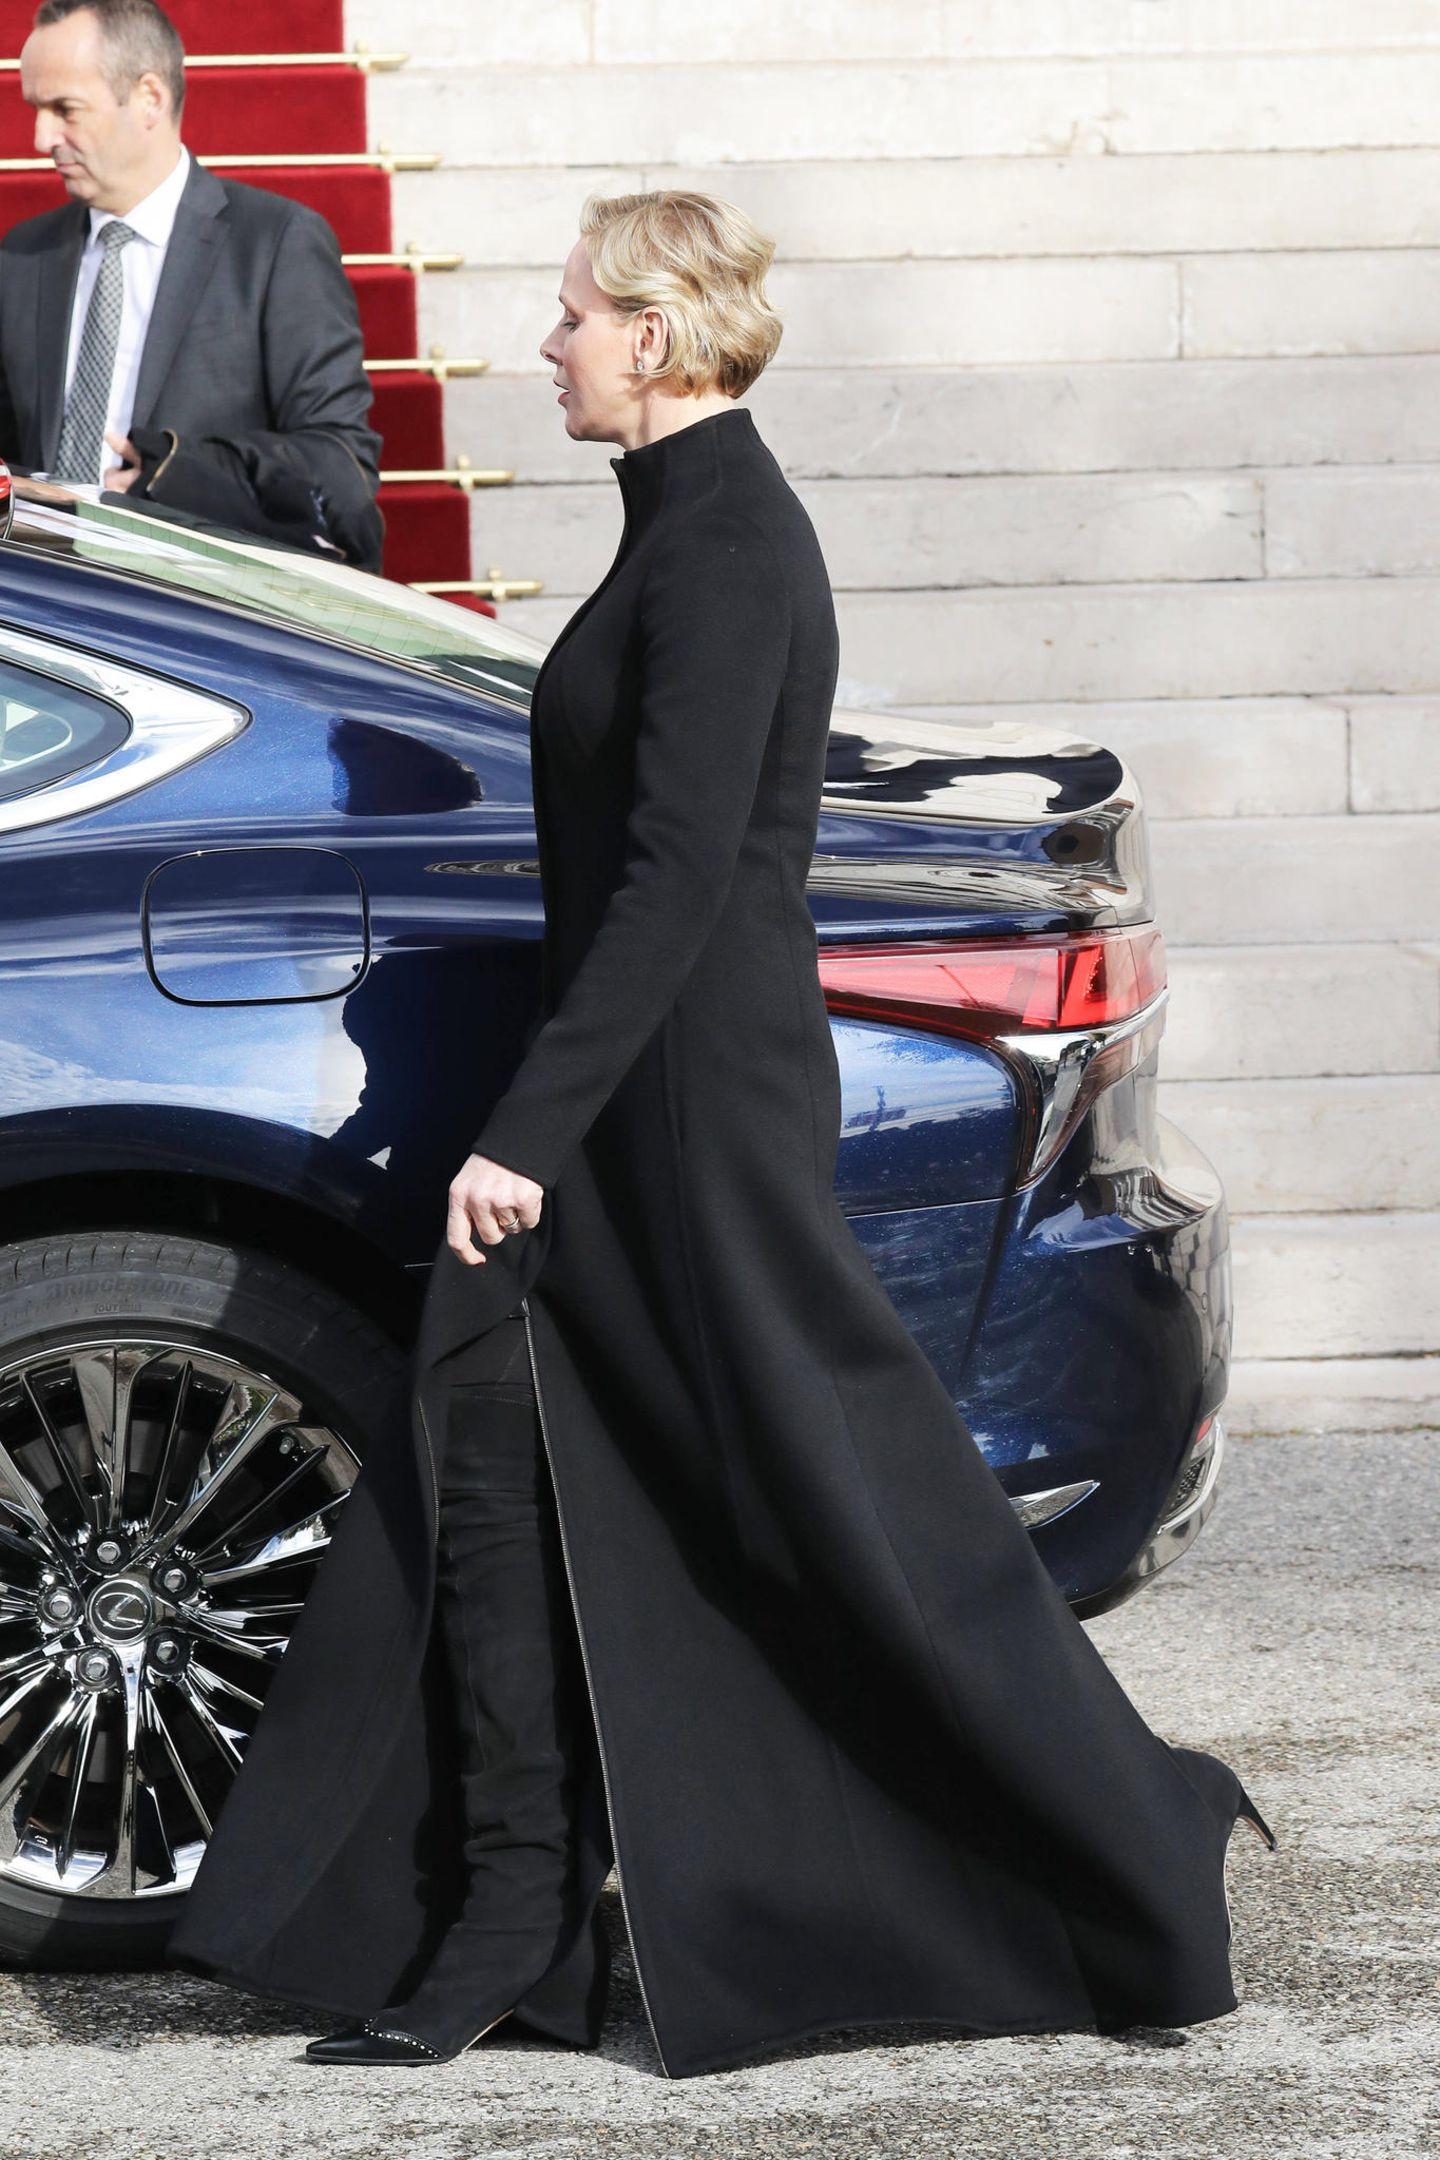 Unter dem Mantel trägt Charléne schwarze Wildleder-Overknees, die den eher fraglichen Look zusätzlichunterstreichen.